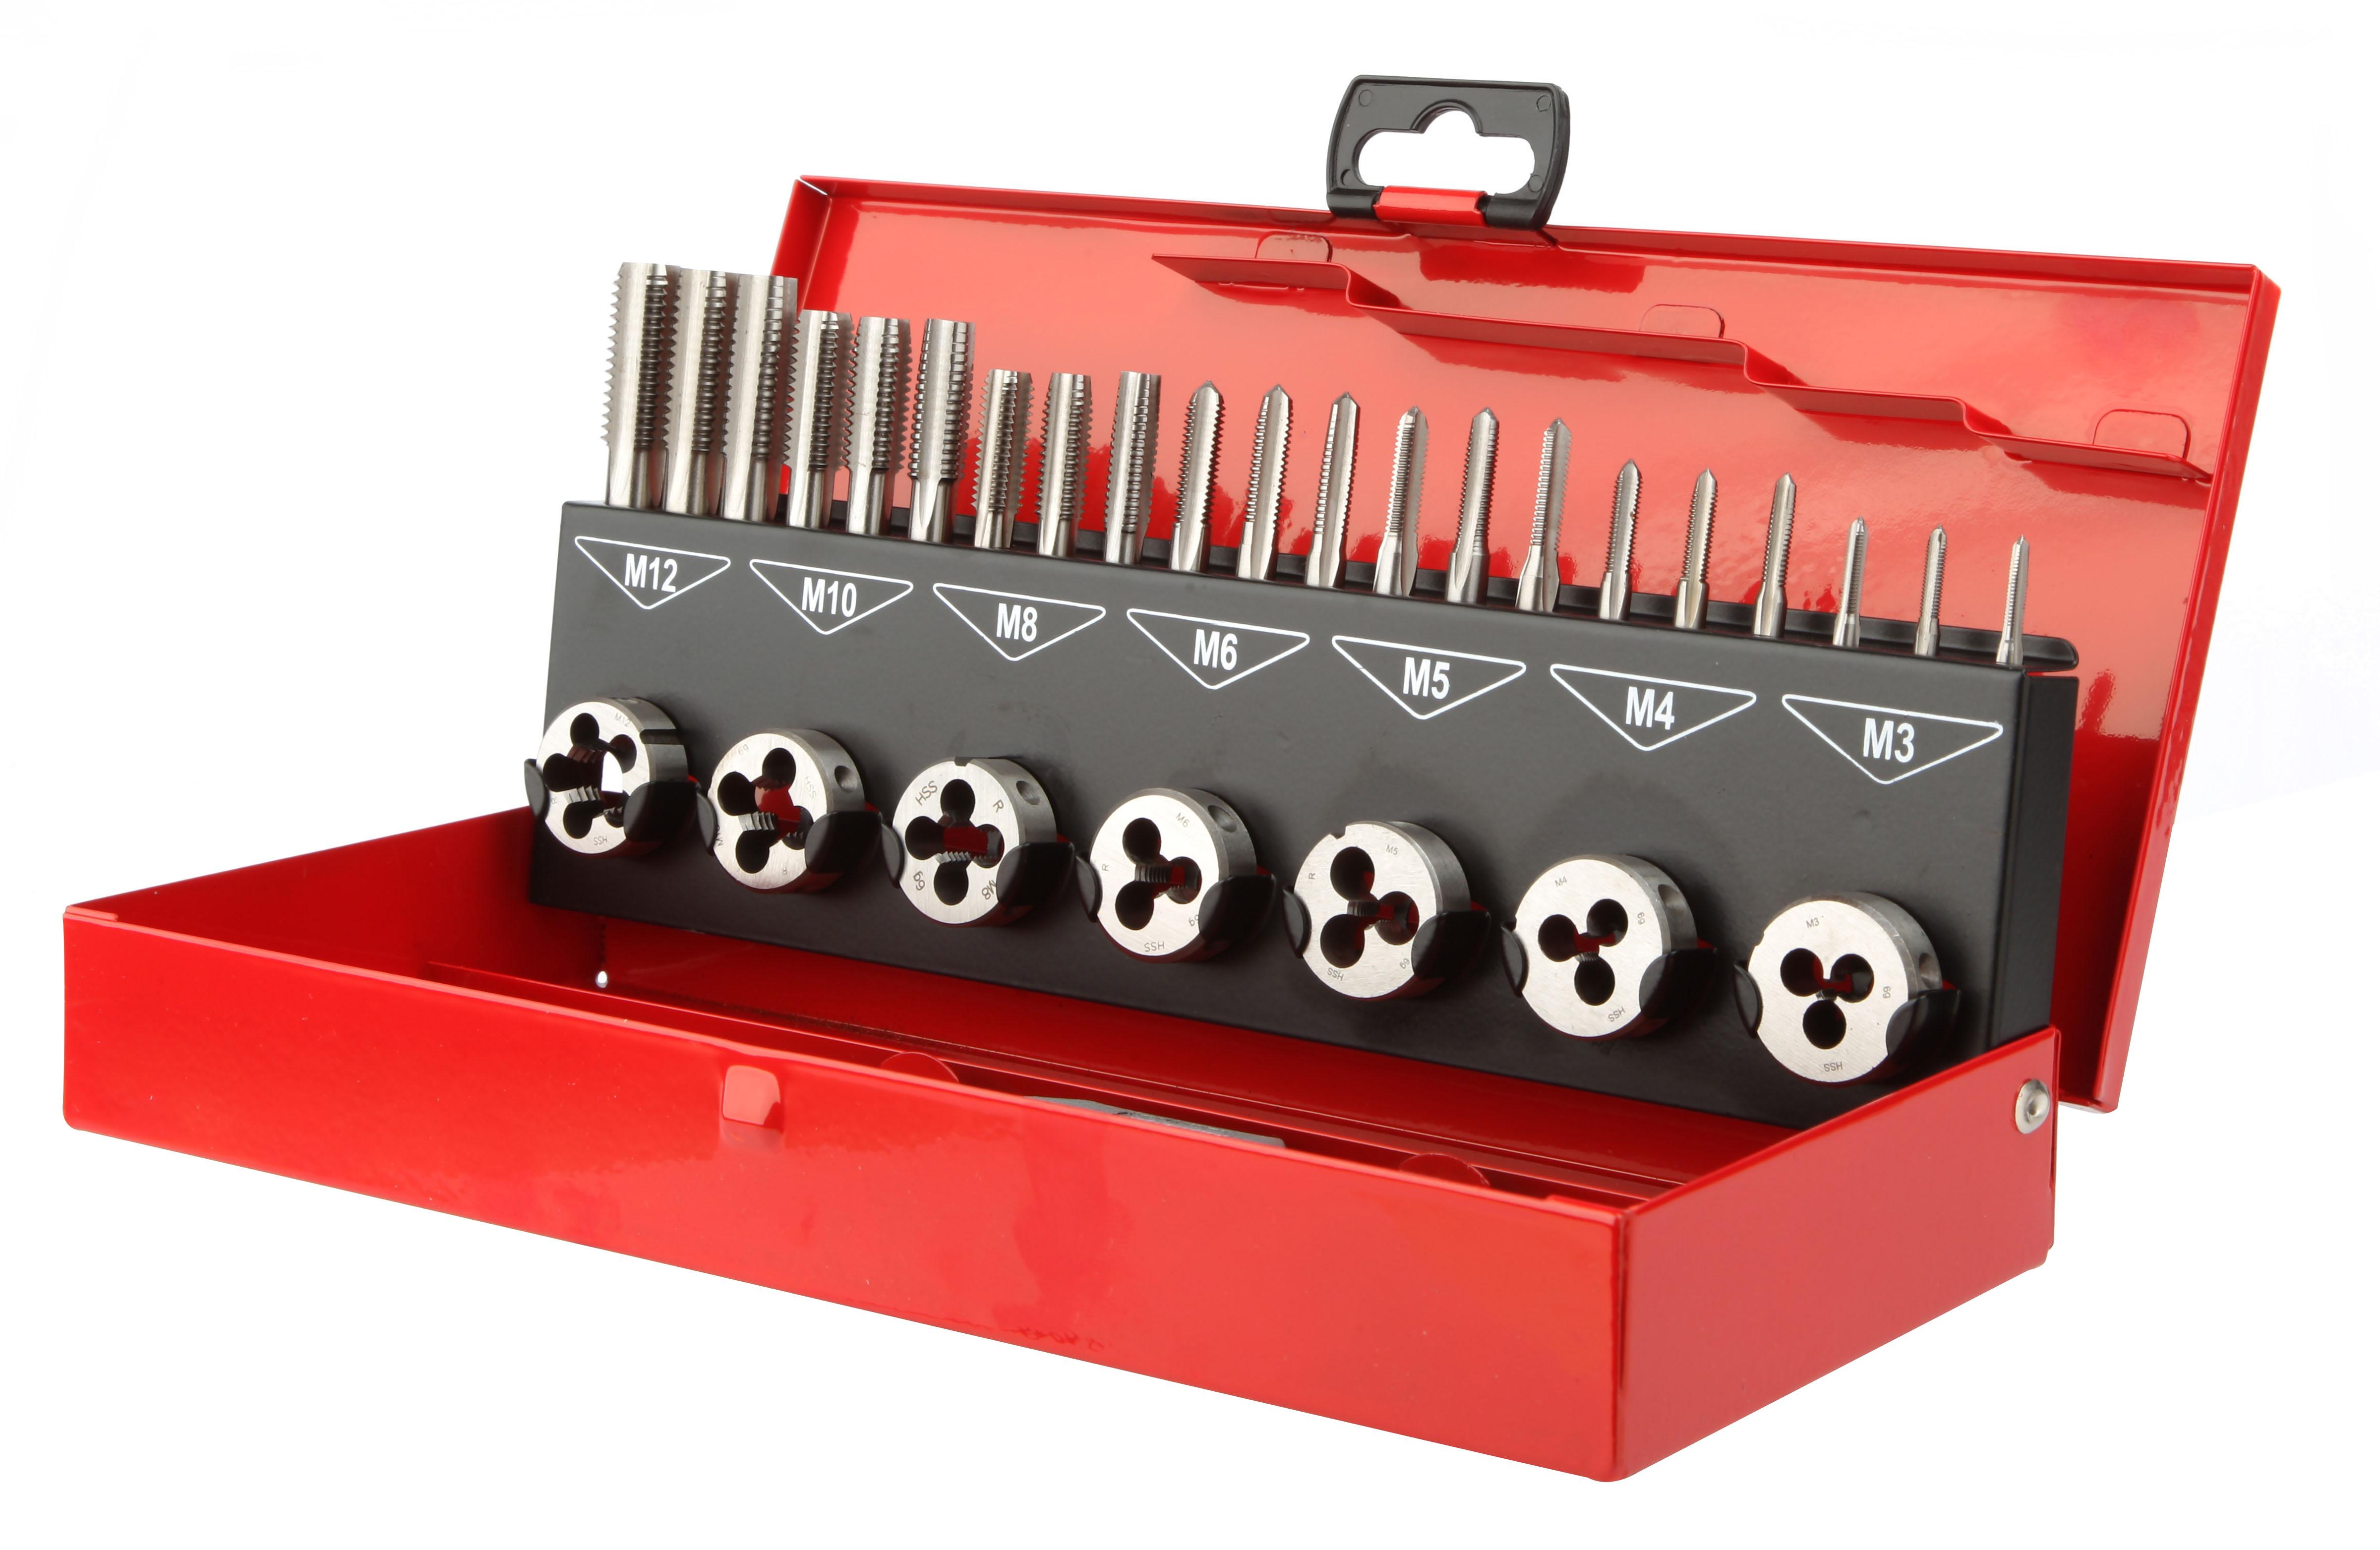 Drilling Set of tapes and dies Set Tap & die 31pcs Taps M3-4-5-6-8-10-12 Dies M3-4-5-6-8-10-12 + tools - 078E.jpg